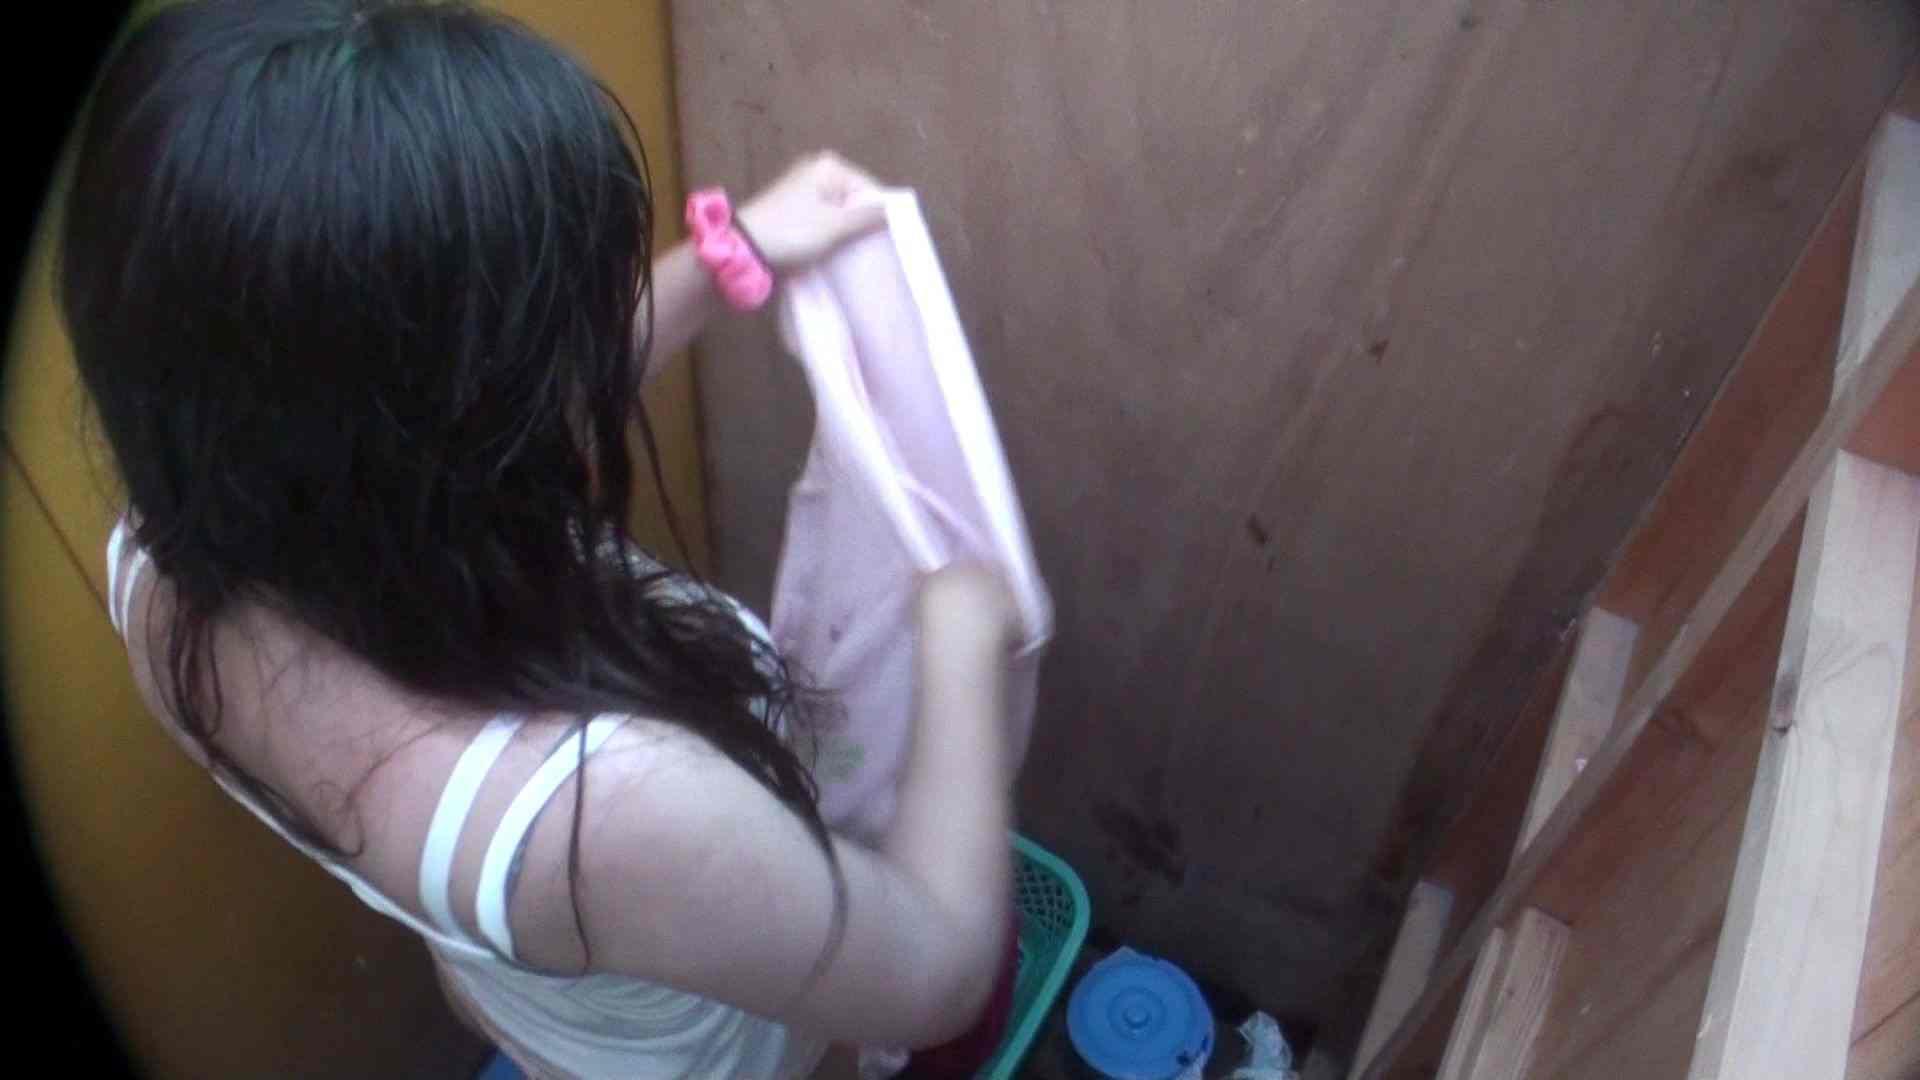 シャワールームは超!!危険な香りVol.13 ムッチムチのいやらしい身体つき 高画質   美しいOLの裸体  76pic 70